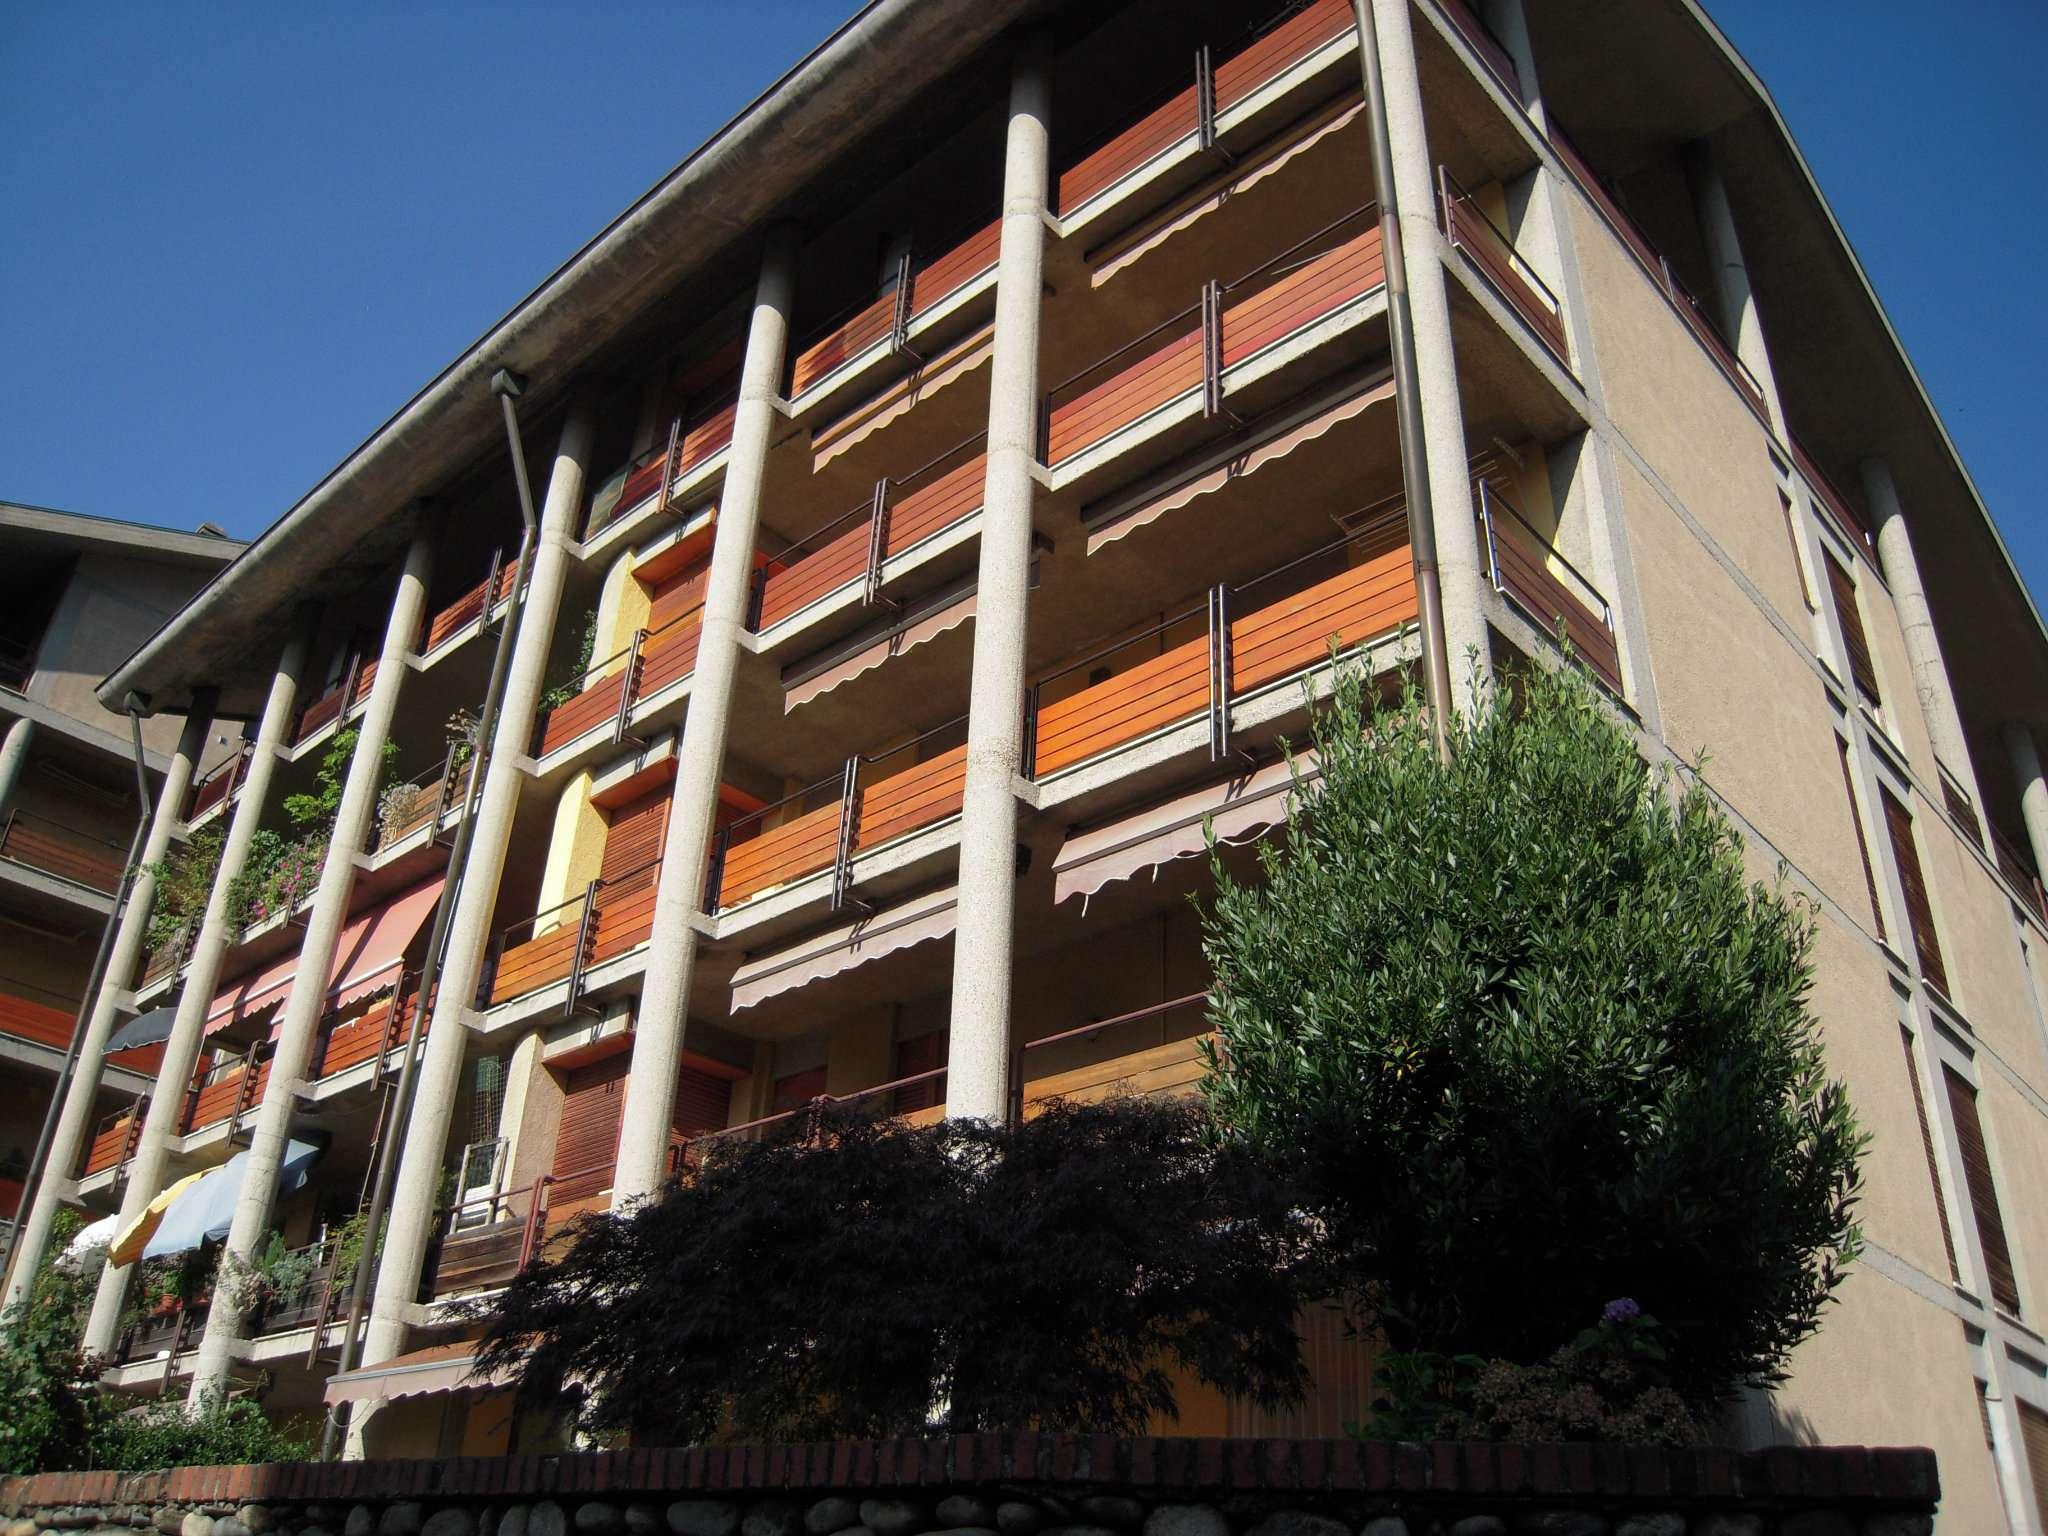 Appartamento in vendita a Torre Pellice, 3 locali, prezzo € 95.000 | PortaleAgenzieImmobiliari.it